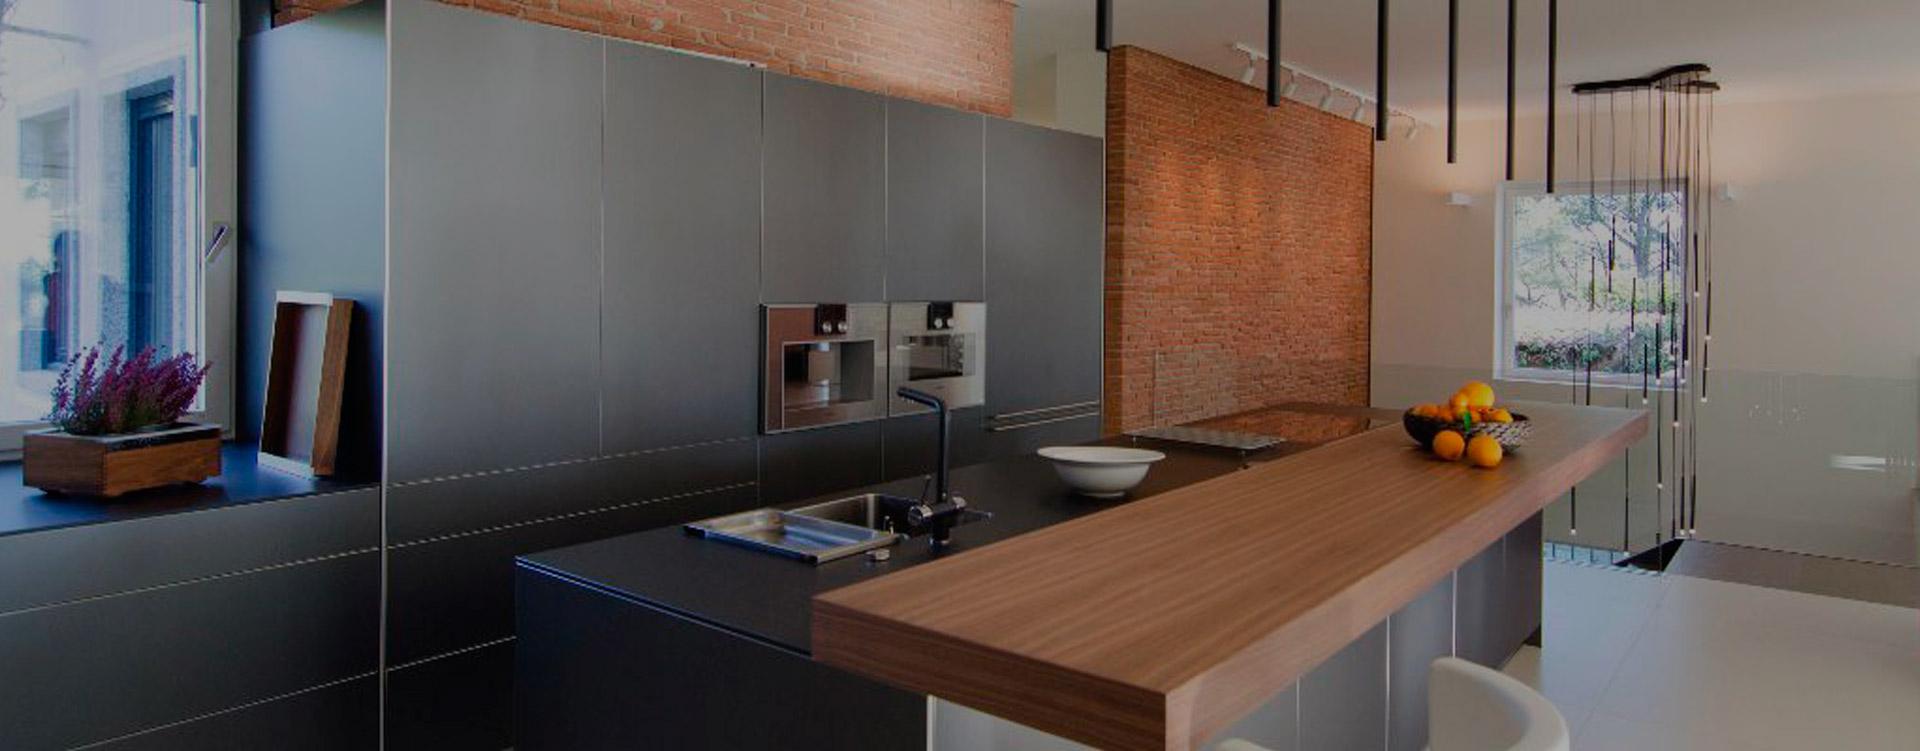 10 Cosas que debes saber antes de comprar una casa pasiva